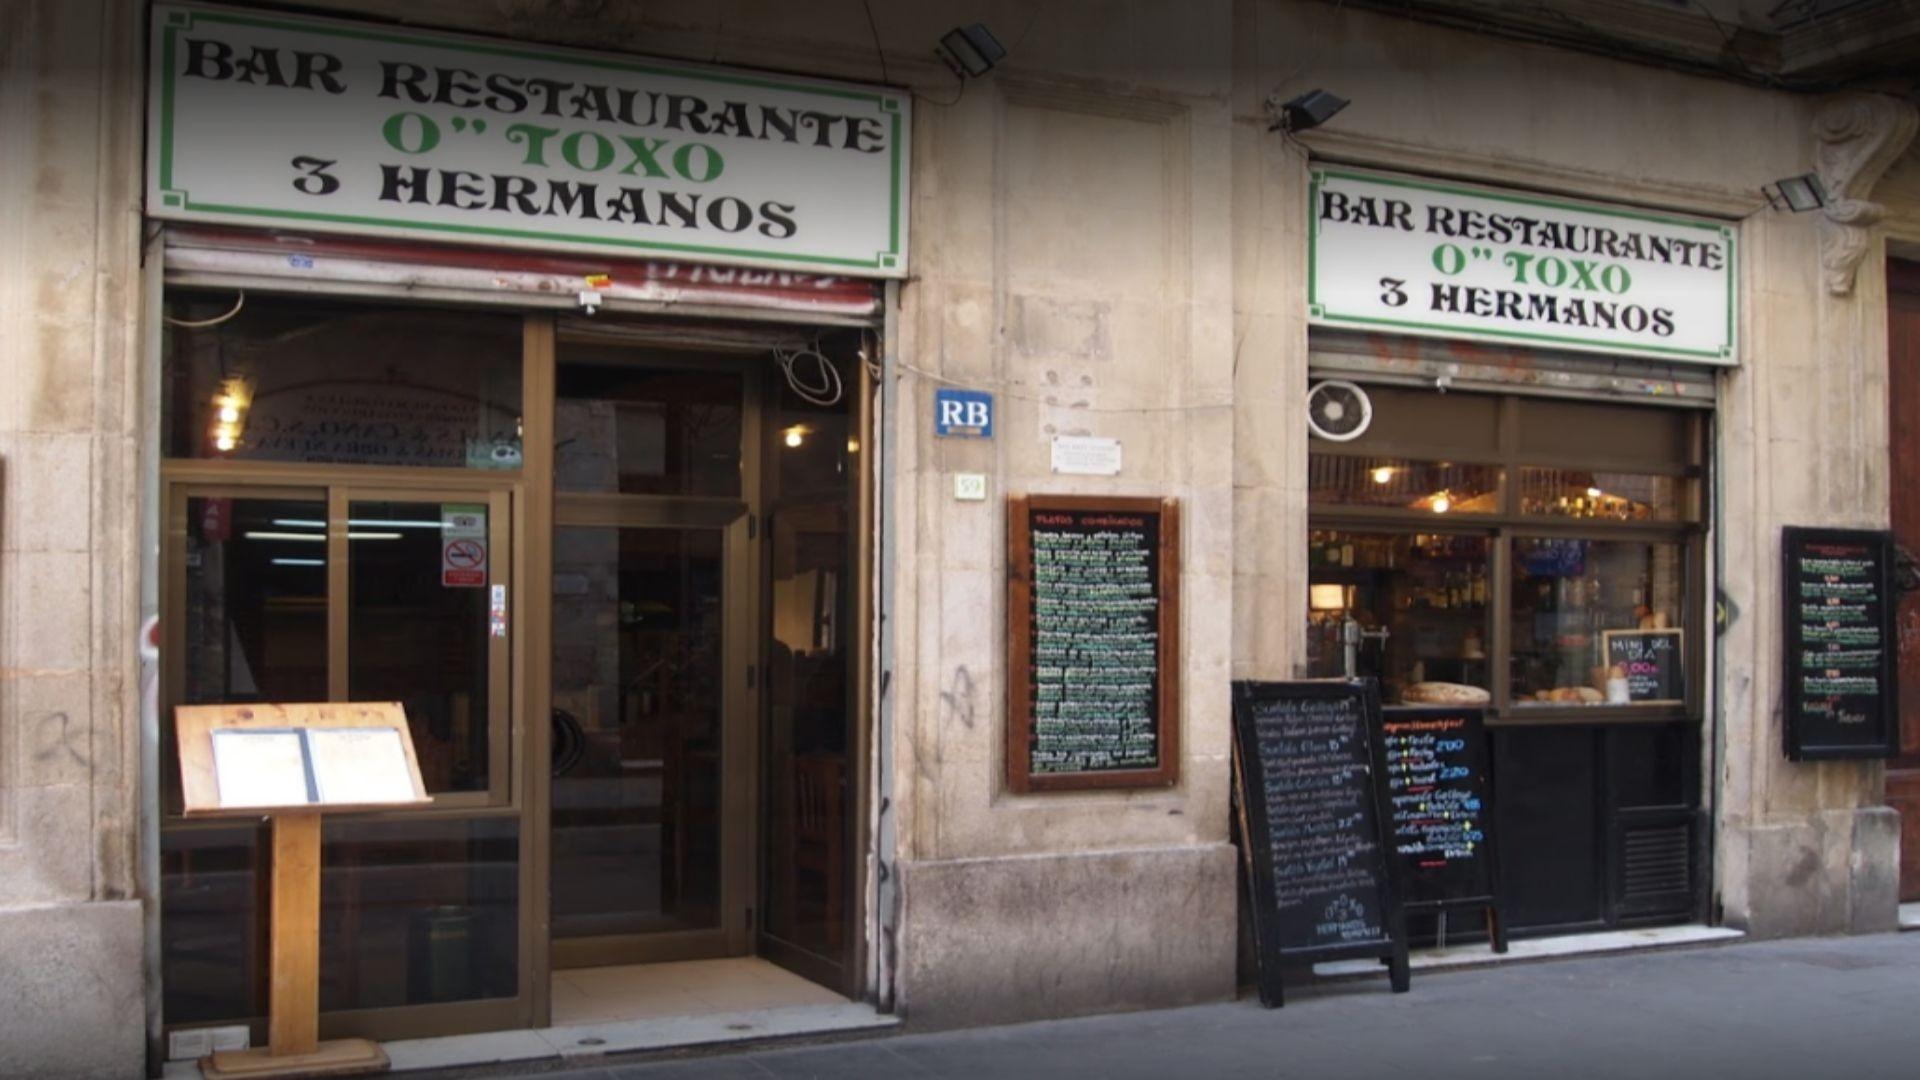 Bar Restaurante en El Raval